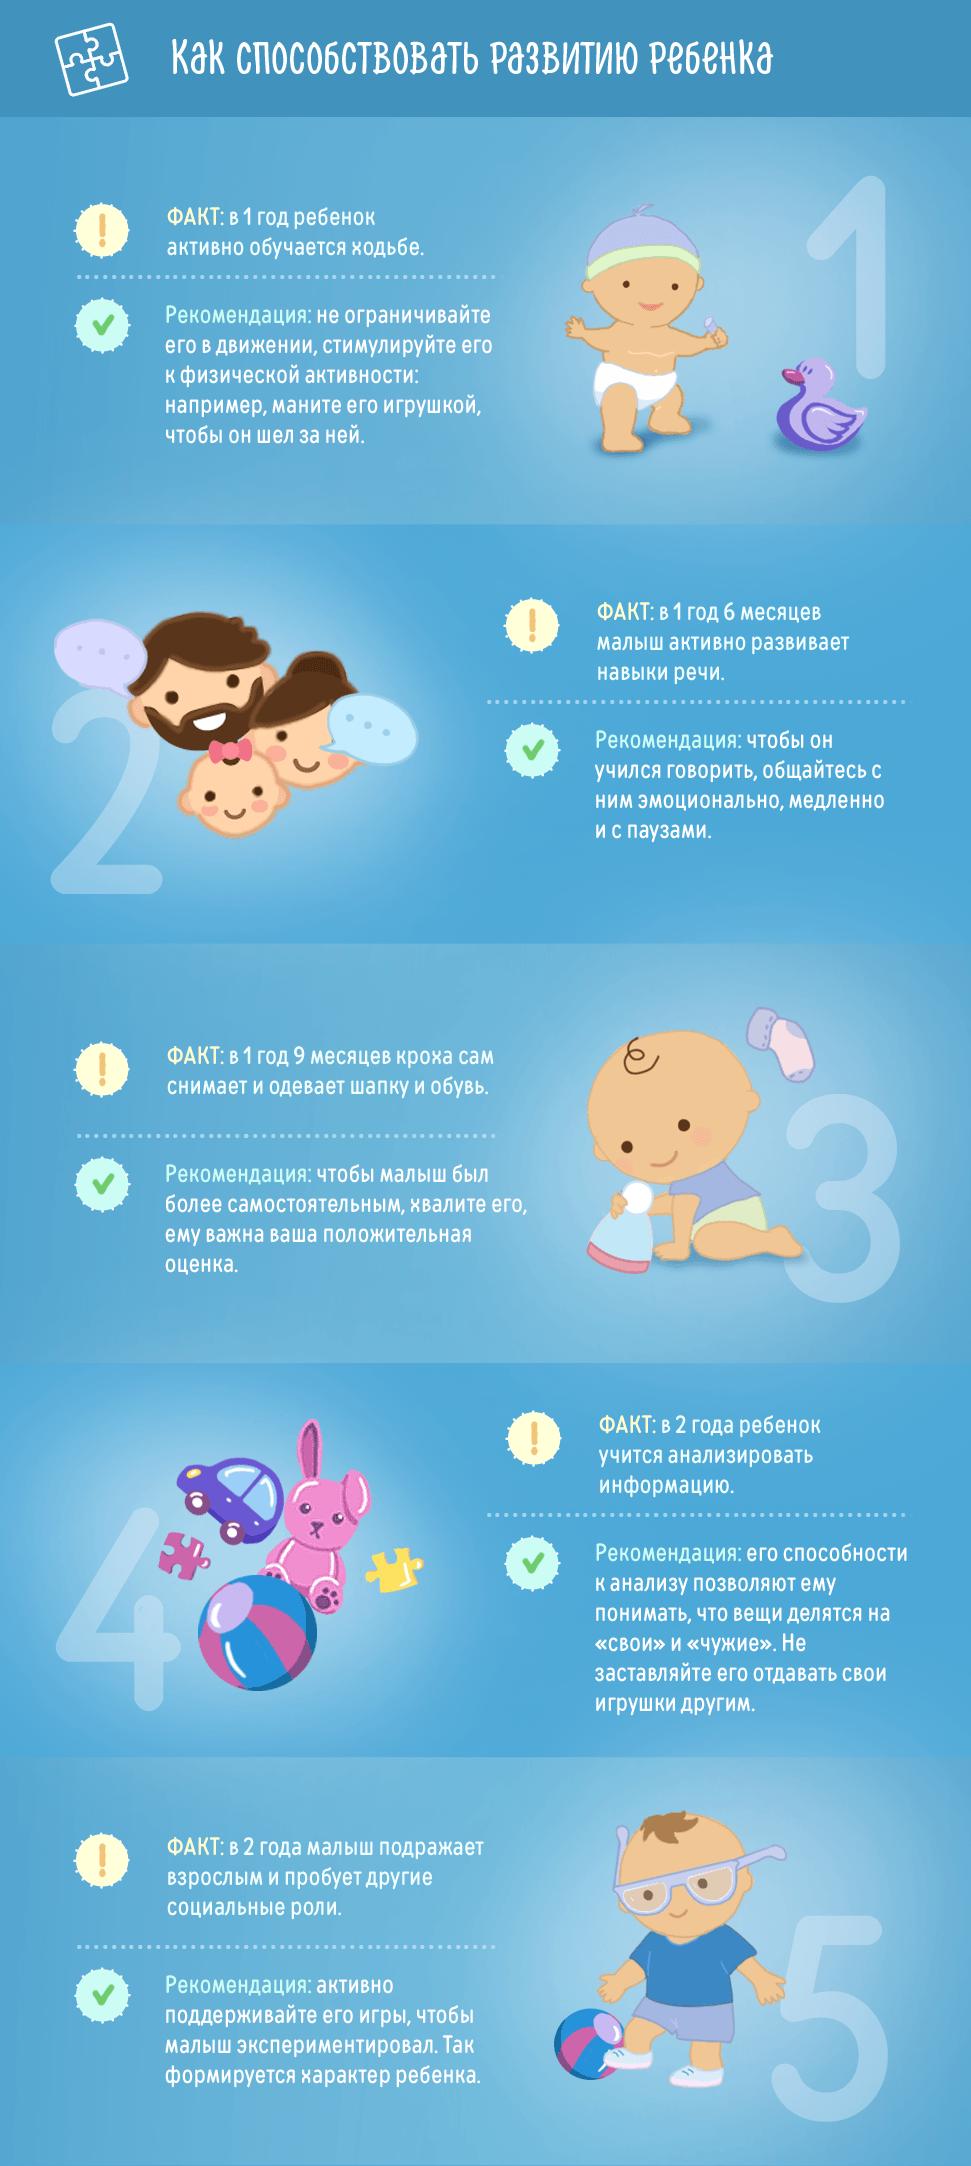 Как способствовать развитию ребенка